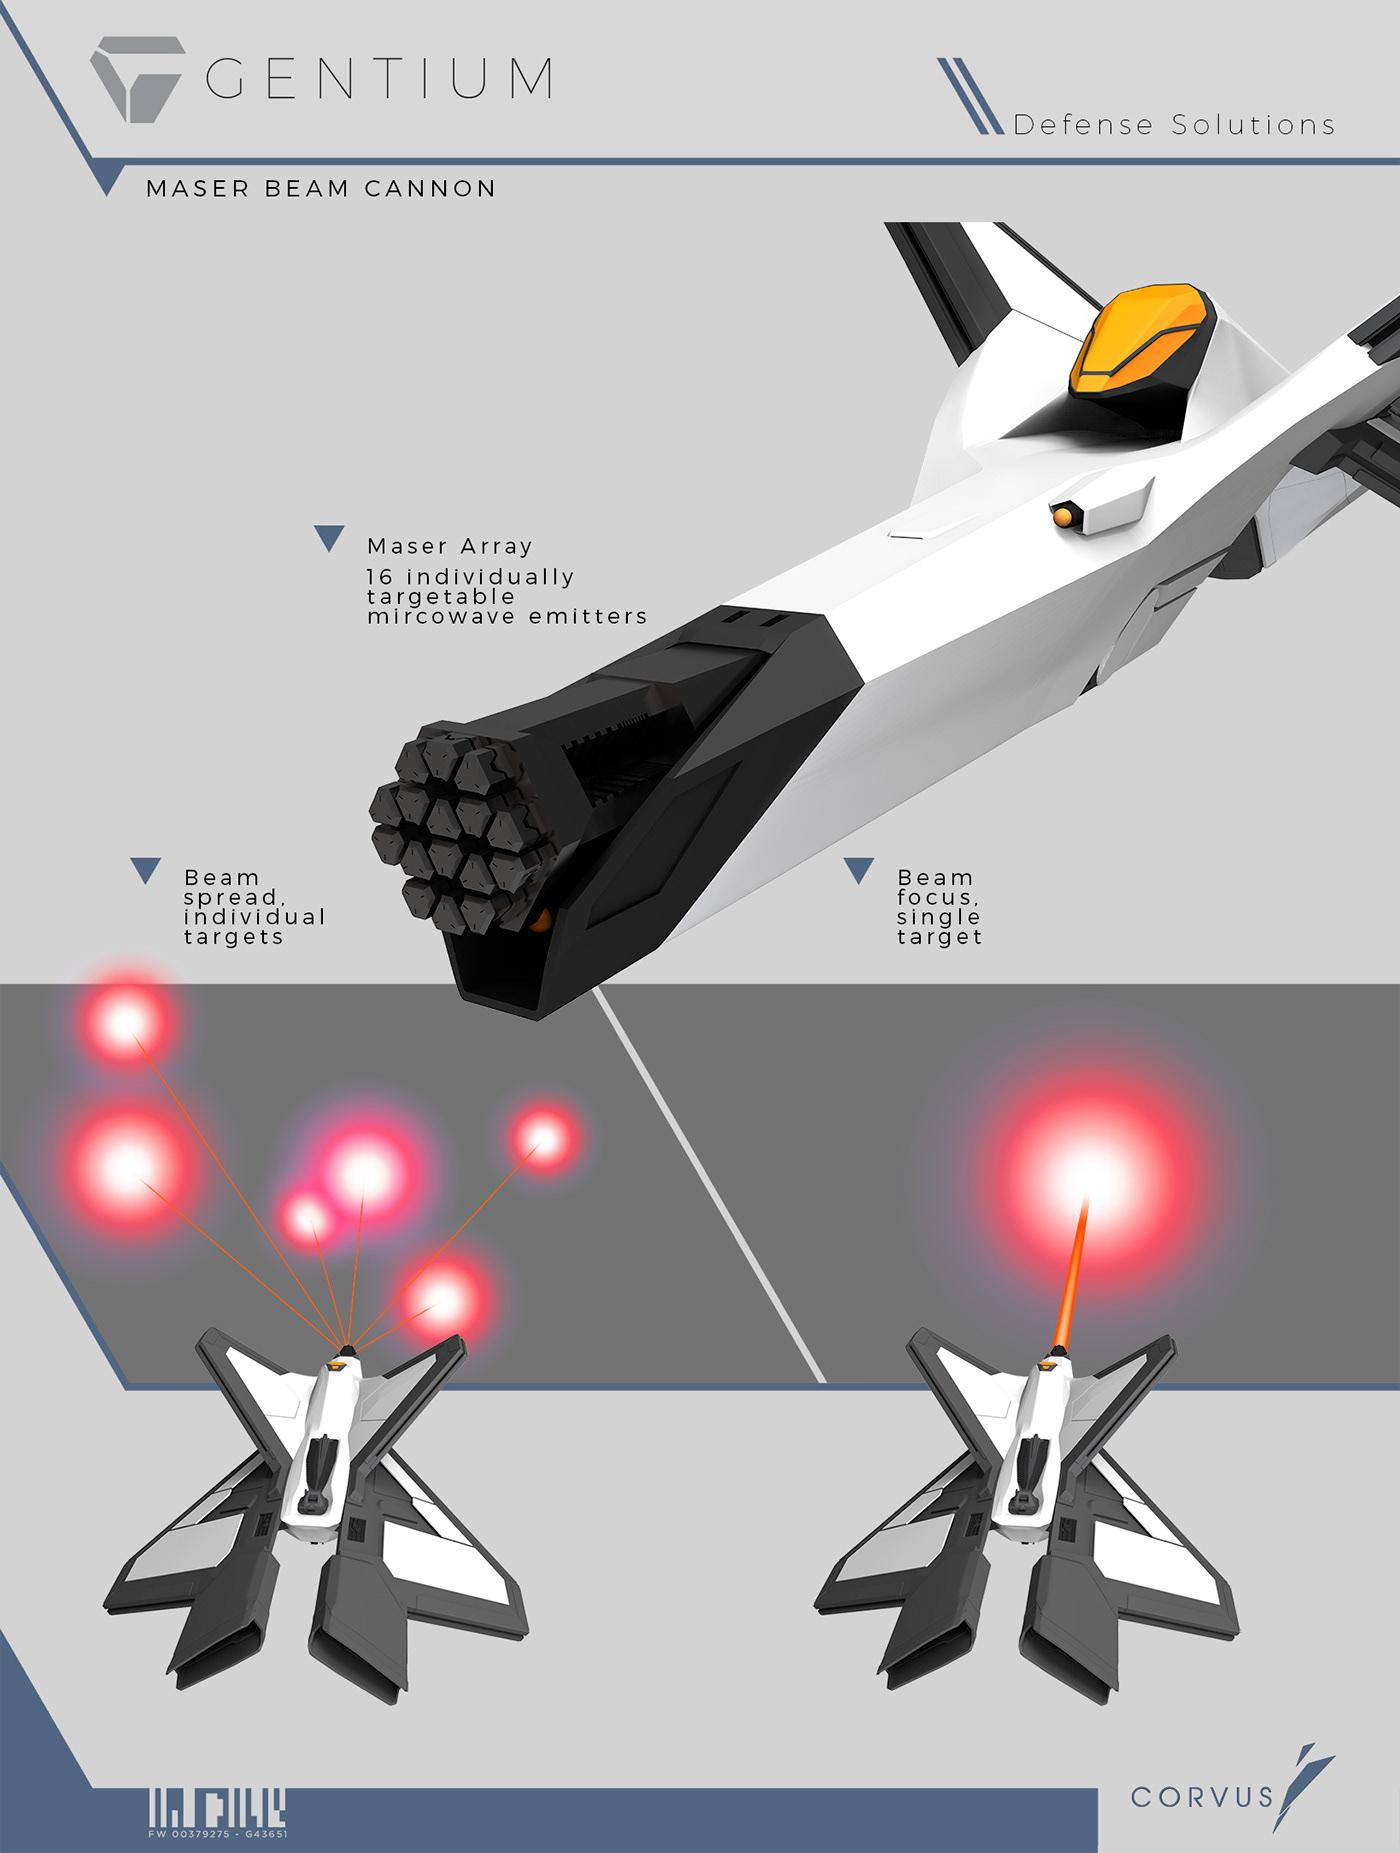 Image may contain: screenshot, aircraft and airplane